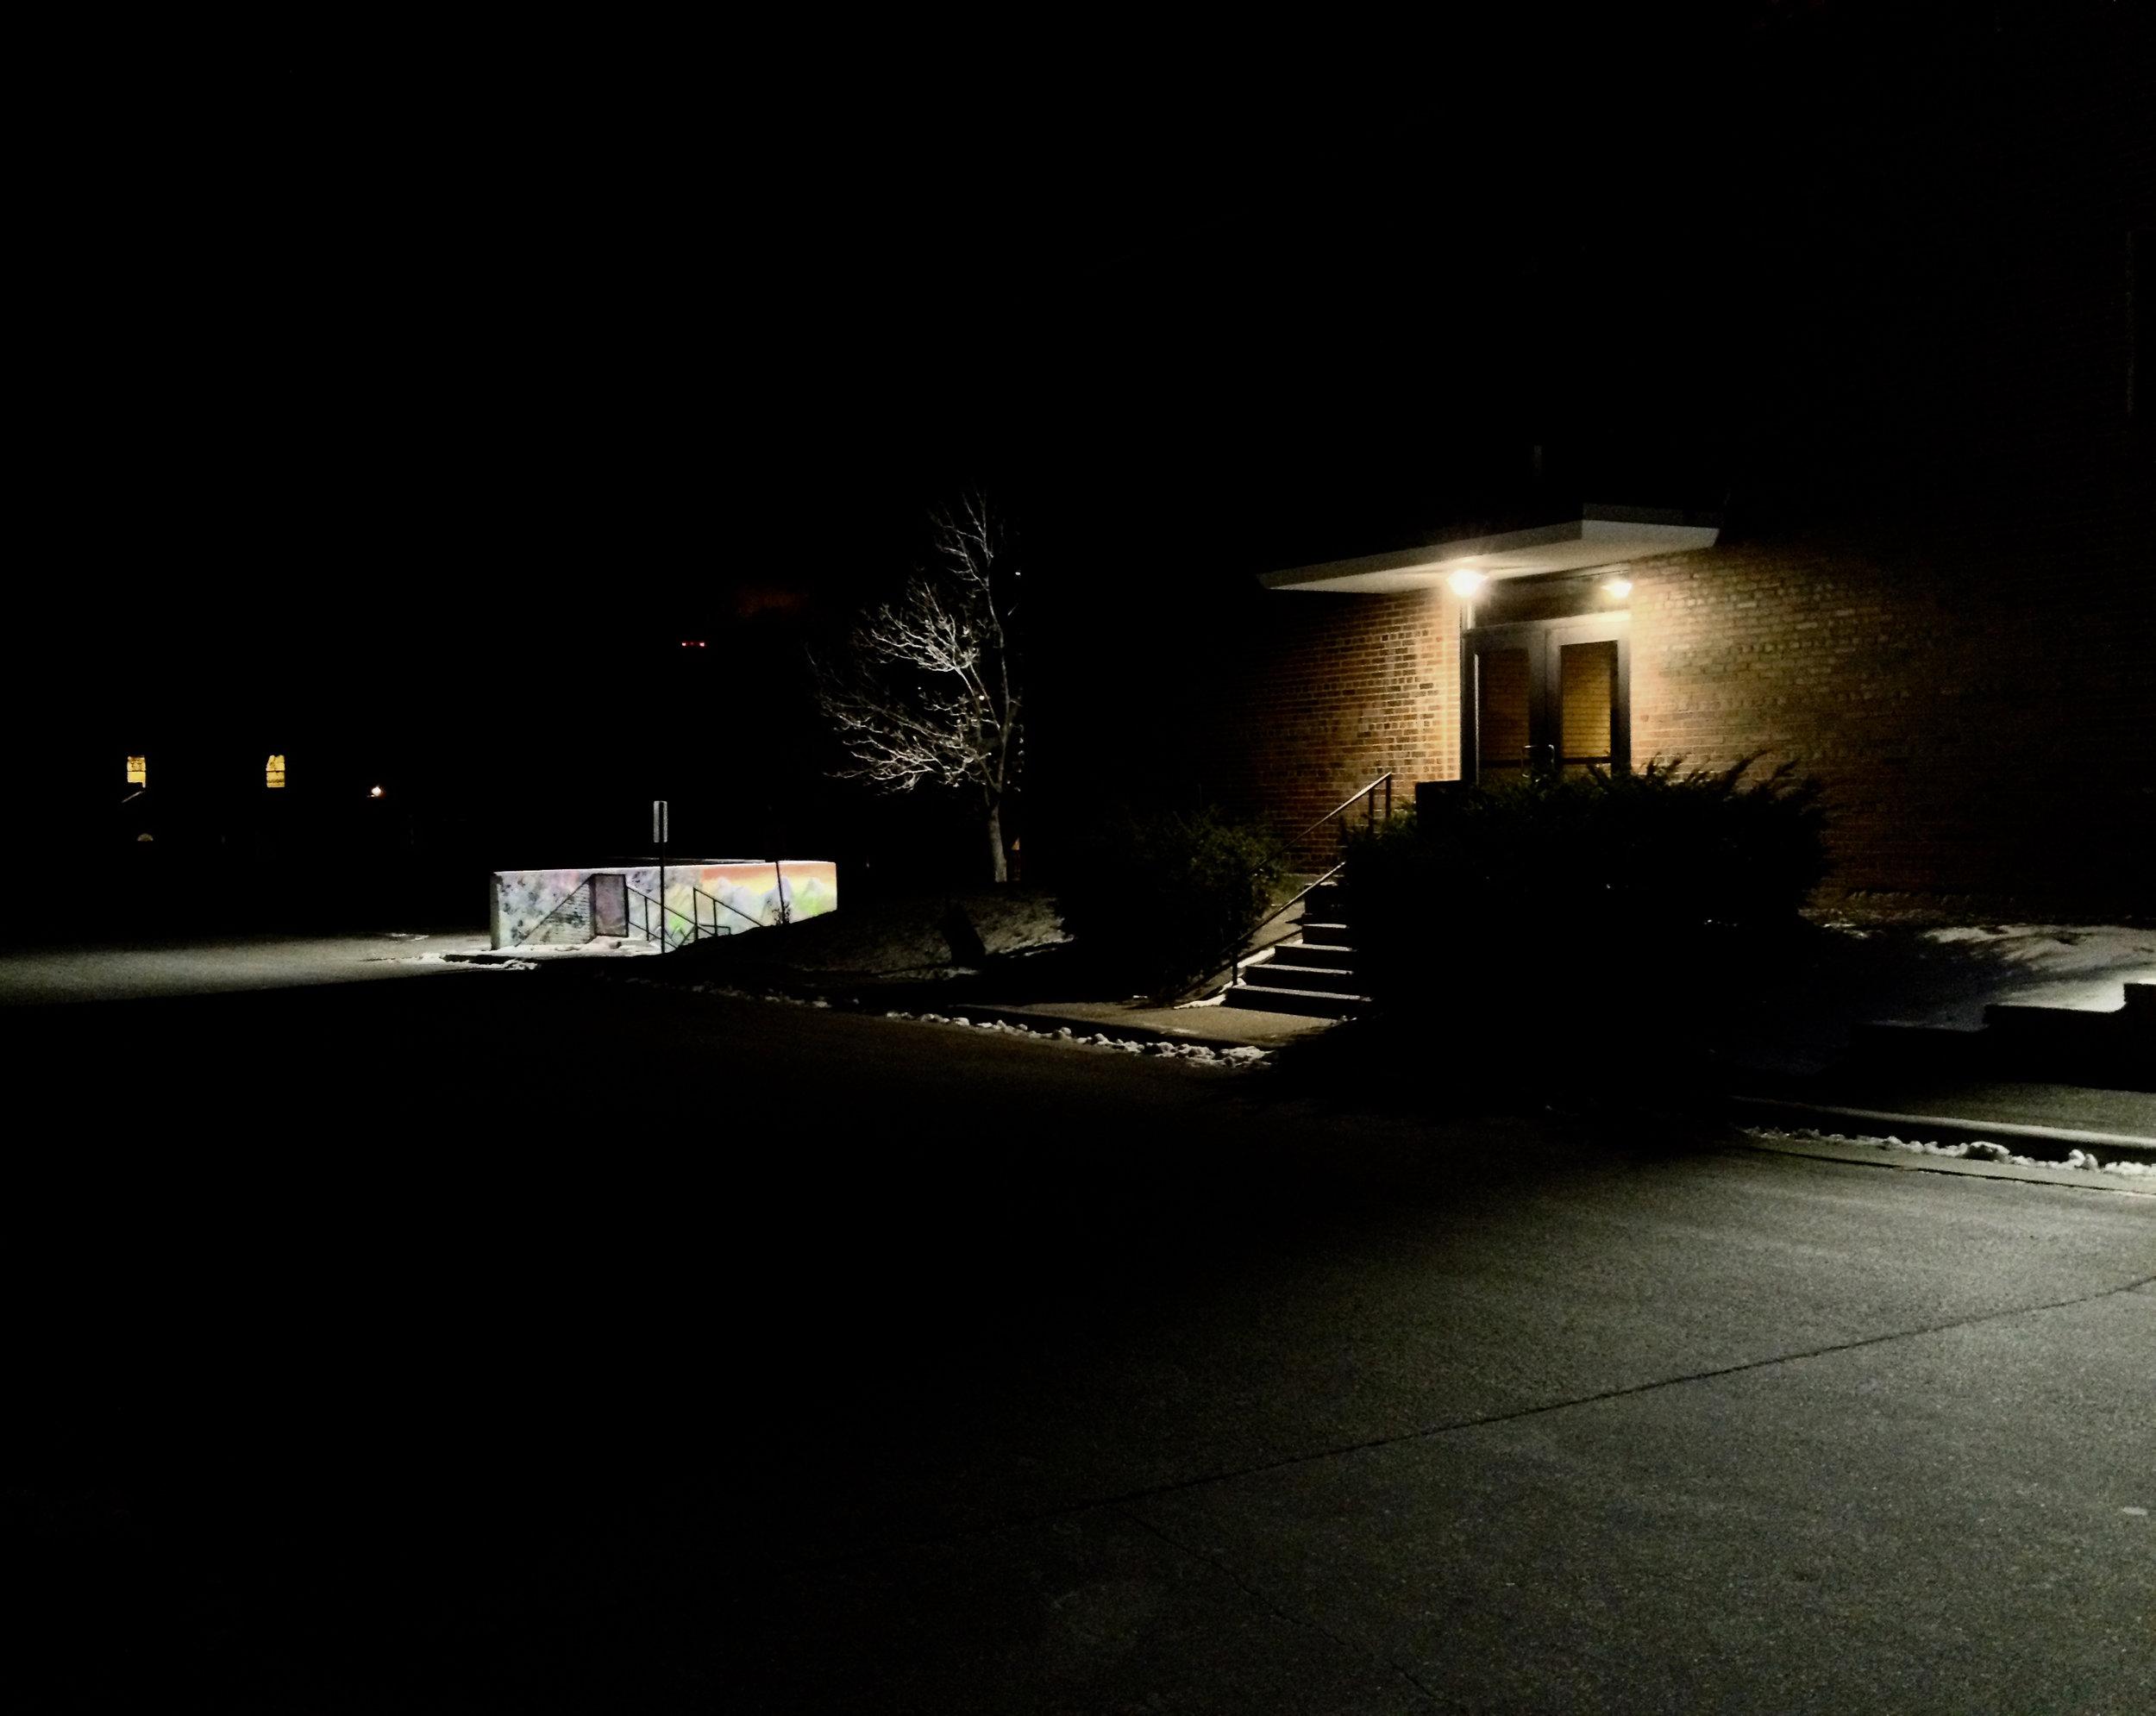 Side Door. West High School. Madison, Wisconsin. November 2014. © William D. Walker